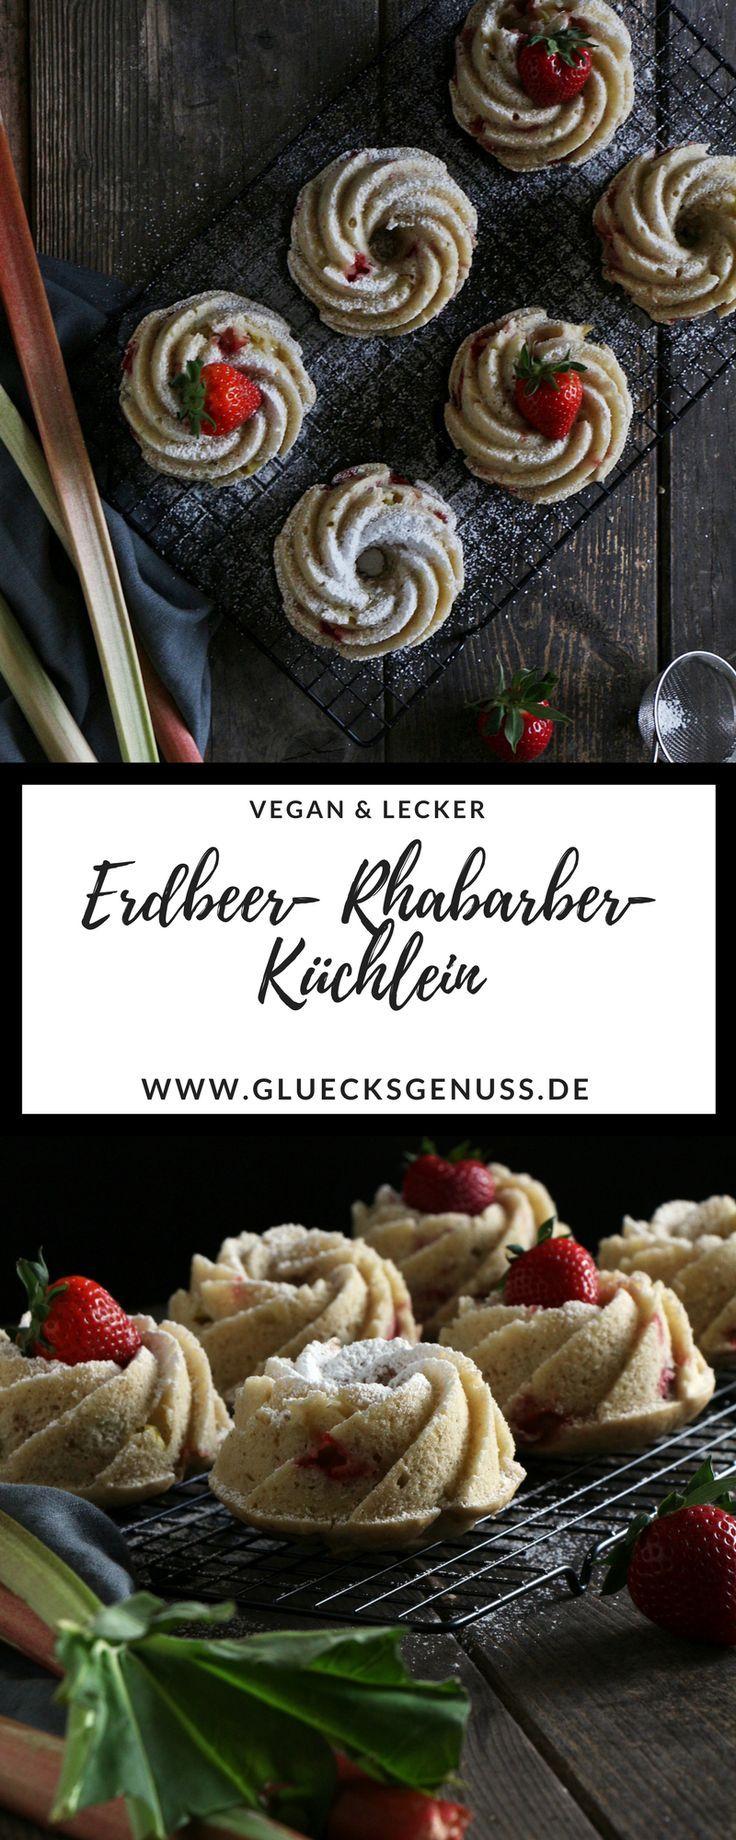 Dieses Rezept für Erdbeer-Rhabarber-Küchlein ist unglaublich lecker und einfach zubereitet. Dieser Grundteig lässt sich auch mit anderm Obst prima verarbeiten. - Glücksgenuss